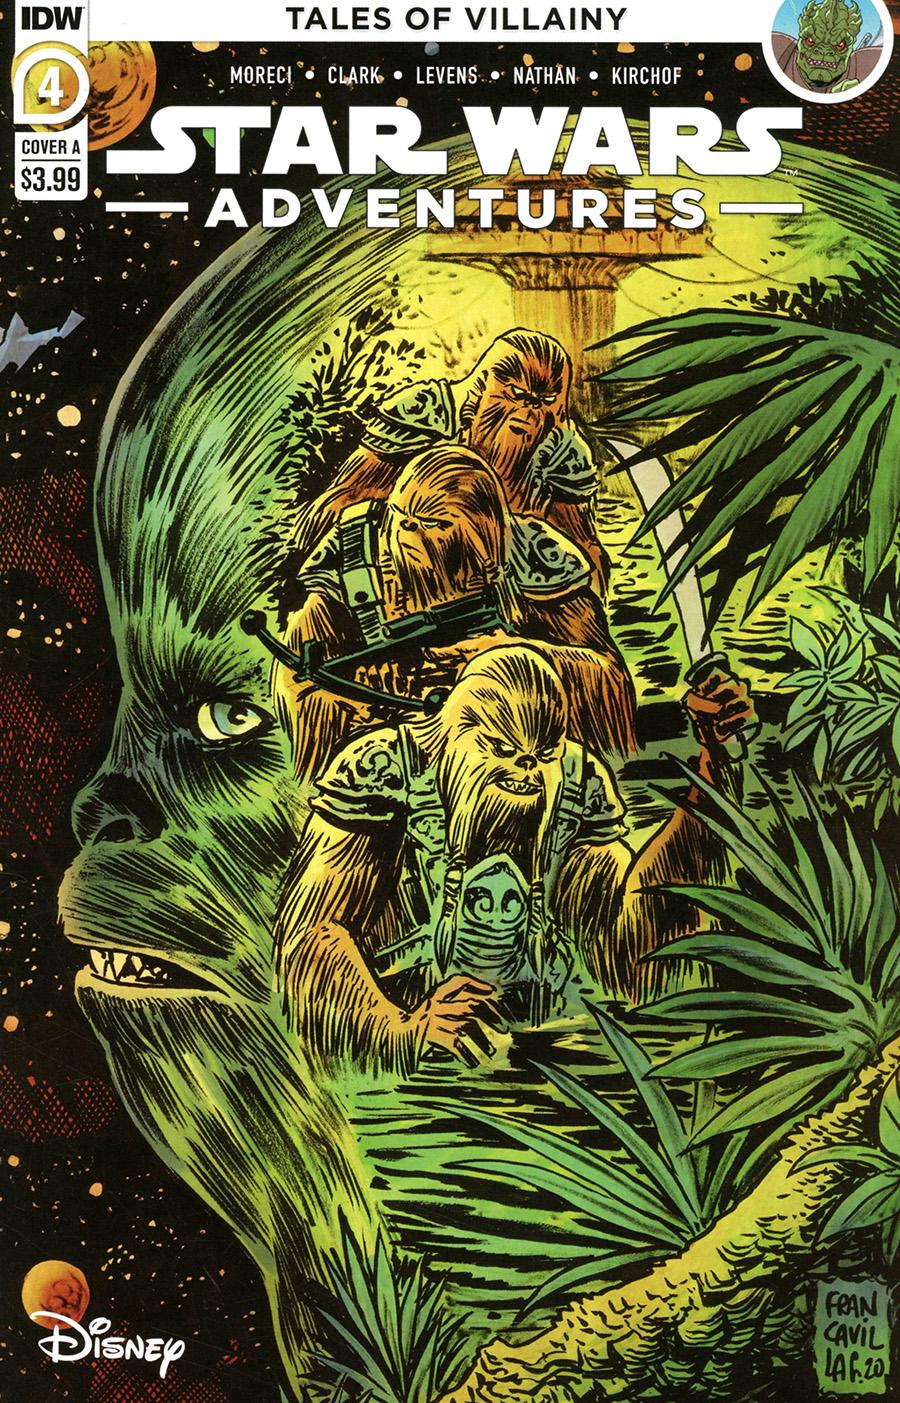 Star Wars Adventures Vol 2 #4 Cover A Regular Francesco Francavilla Cover